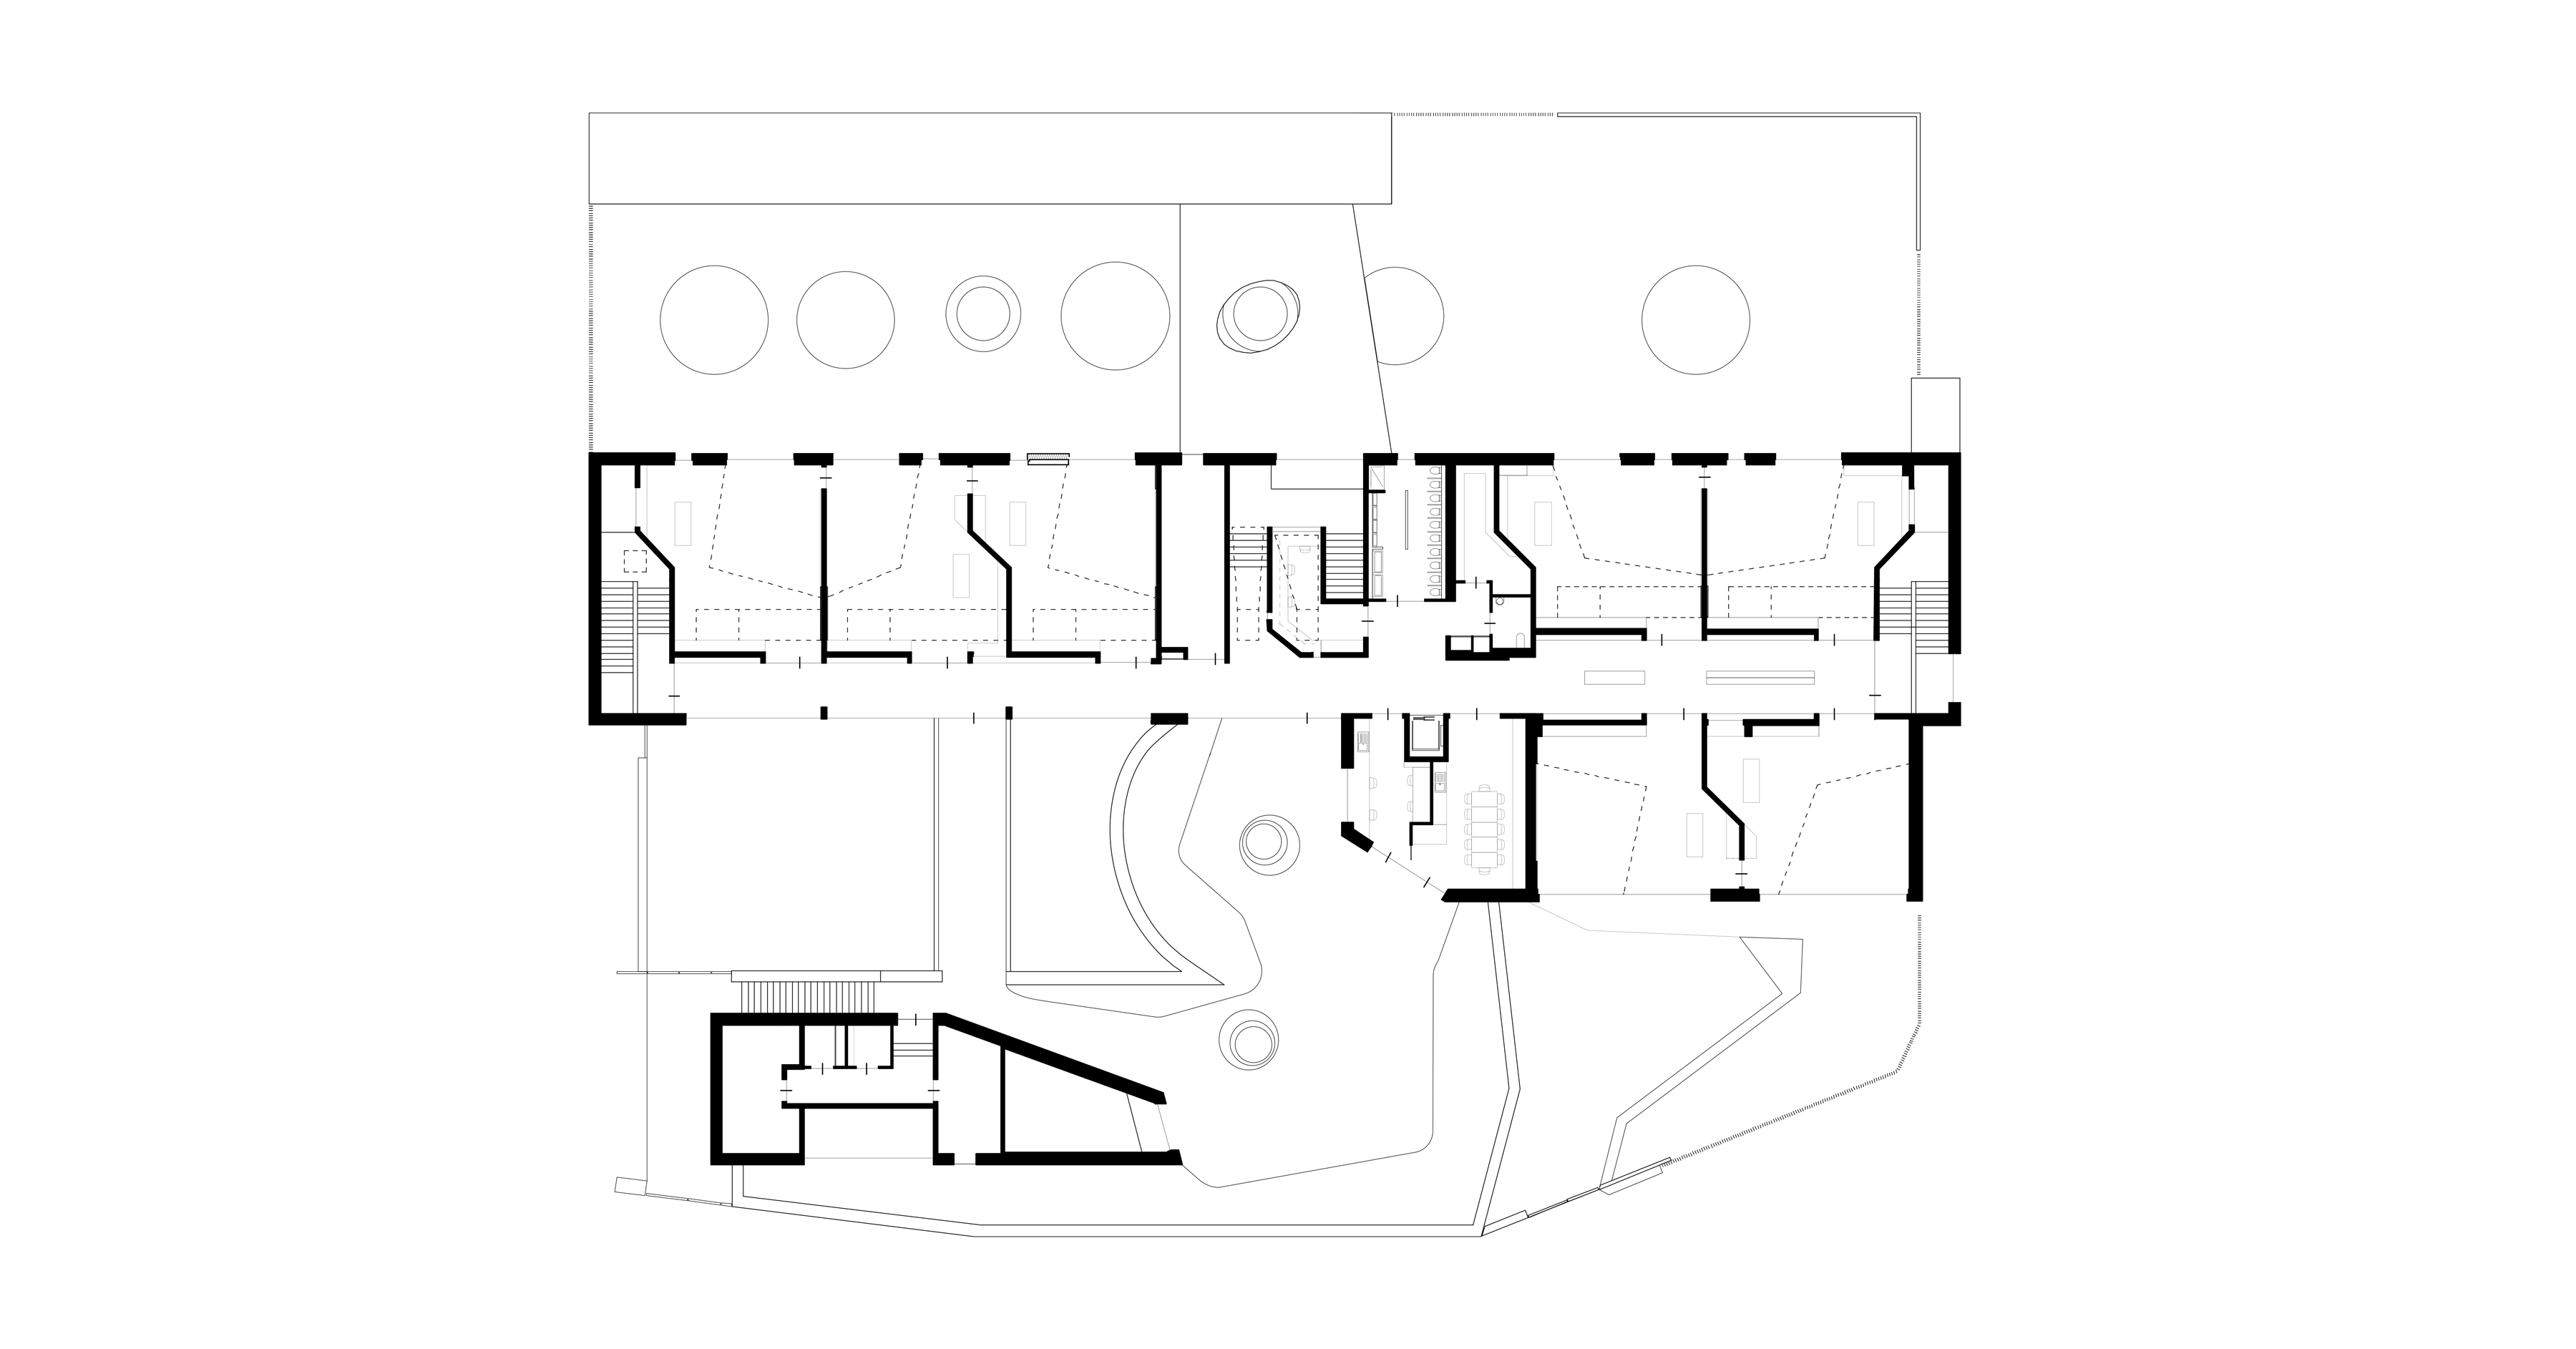 Photo - plan R+1